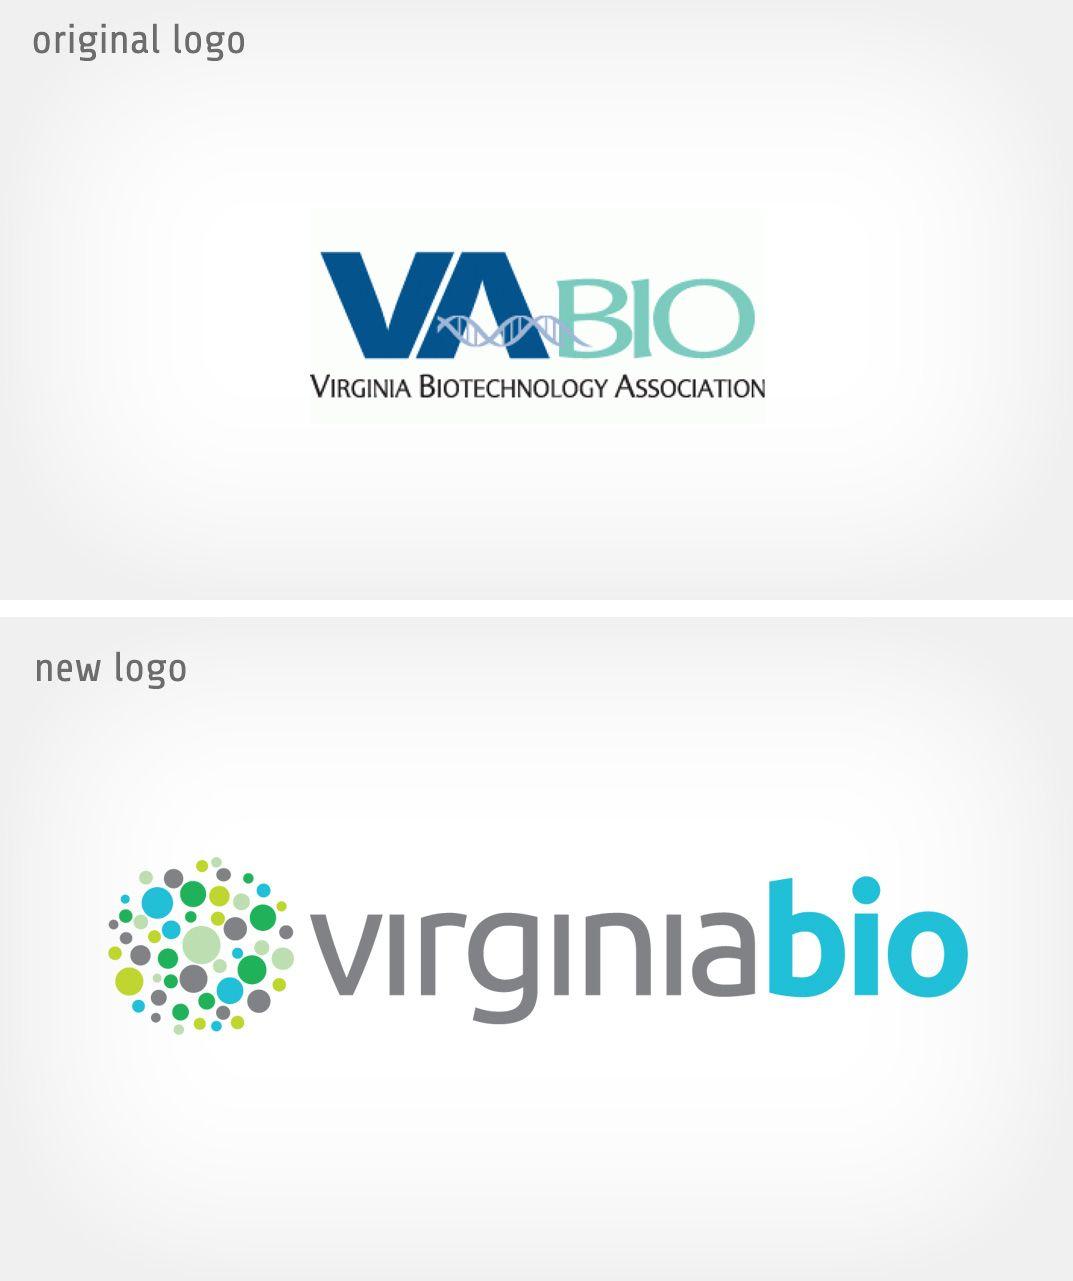 Biotech association logo redesign for virginia biorebrand